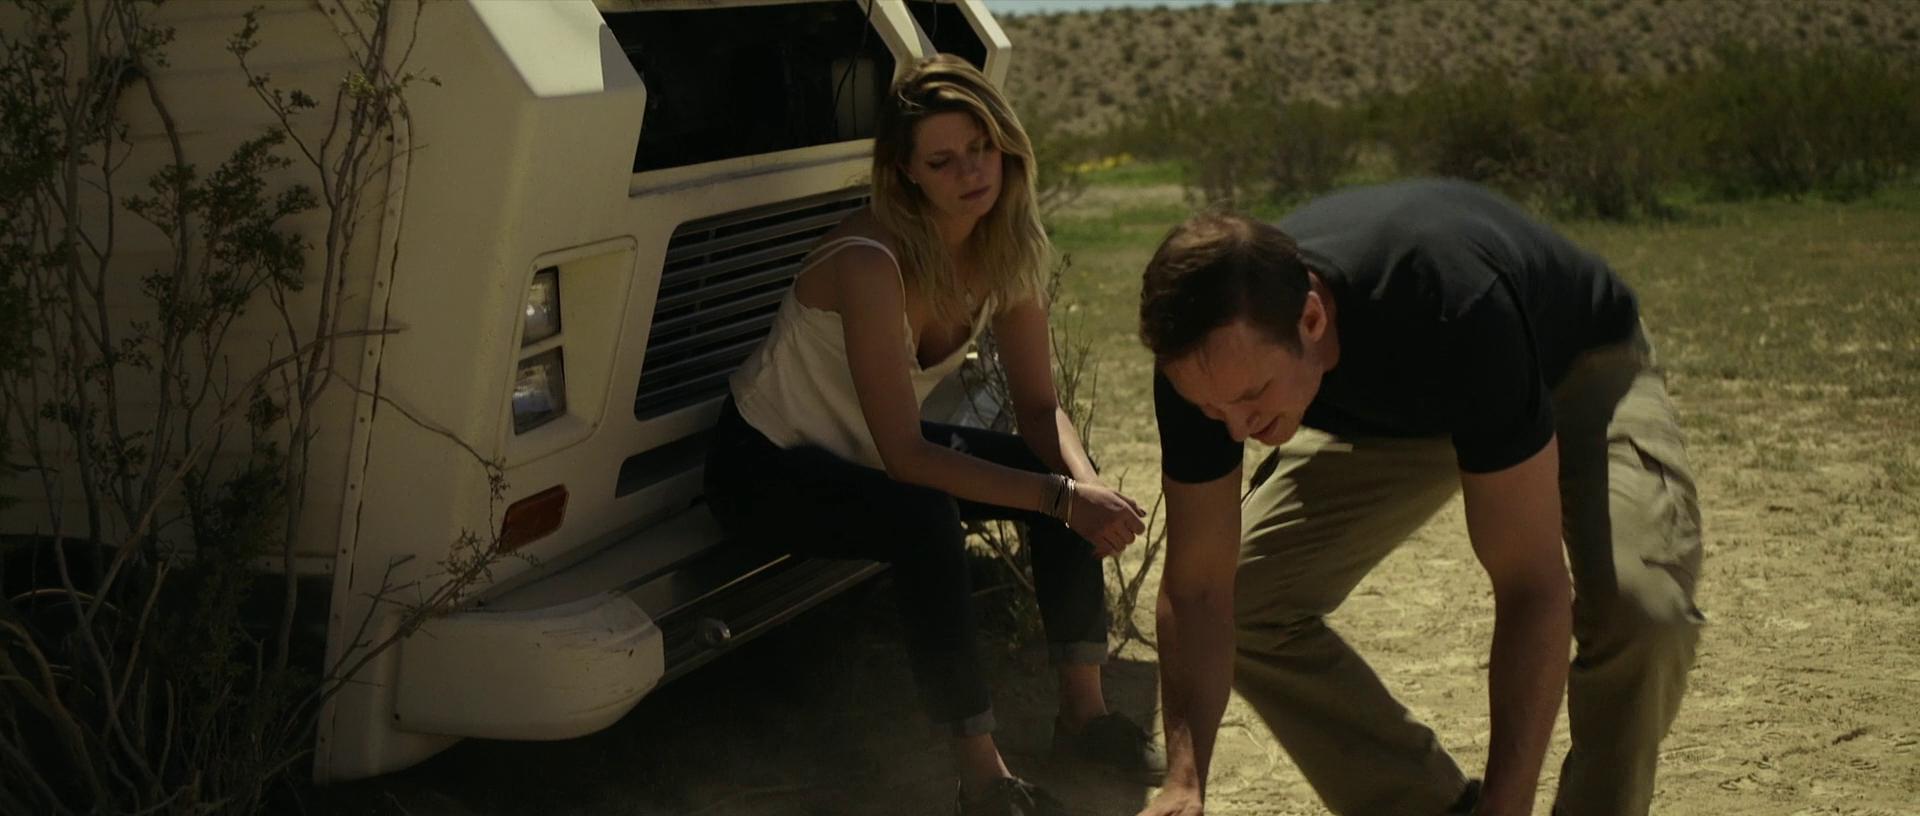 La Caravana del Mal (2018)